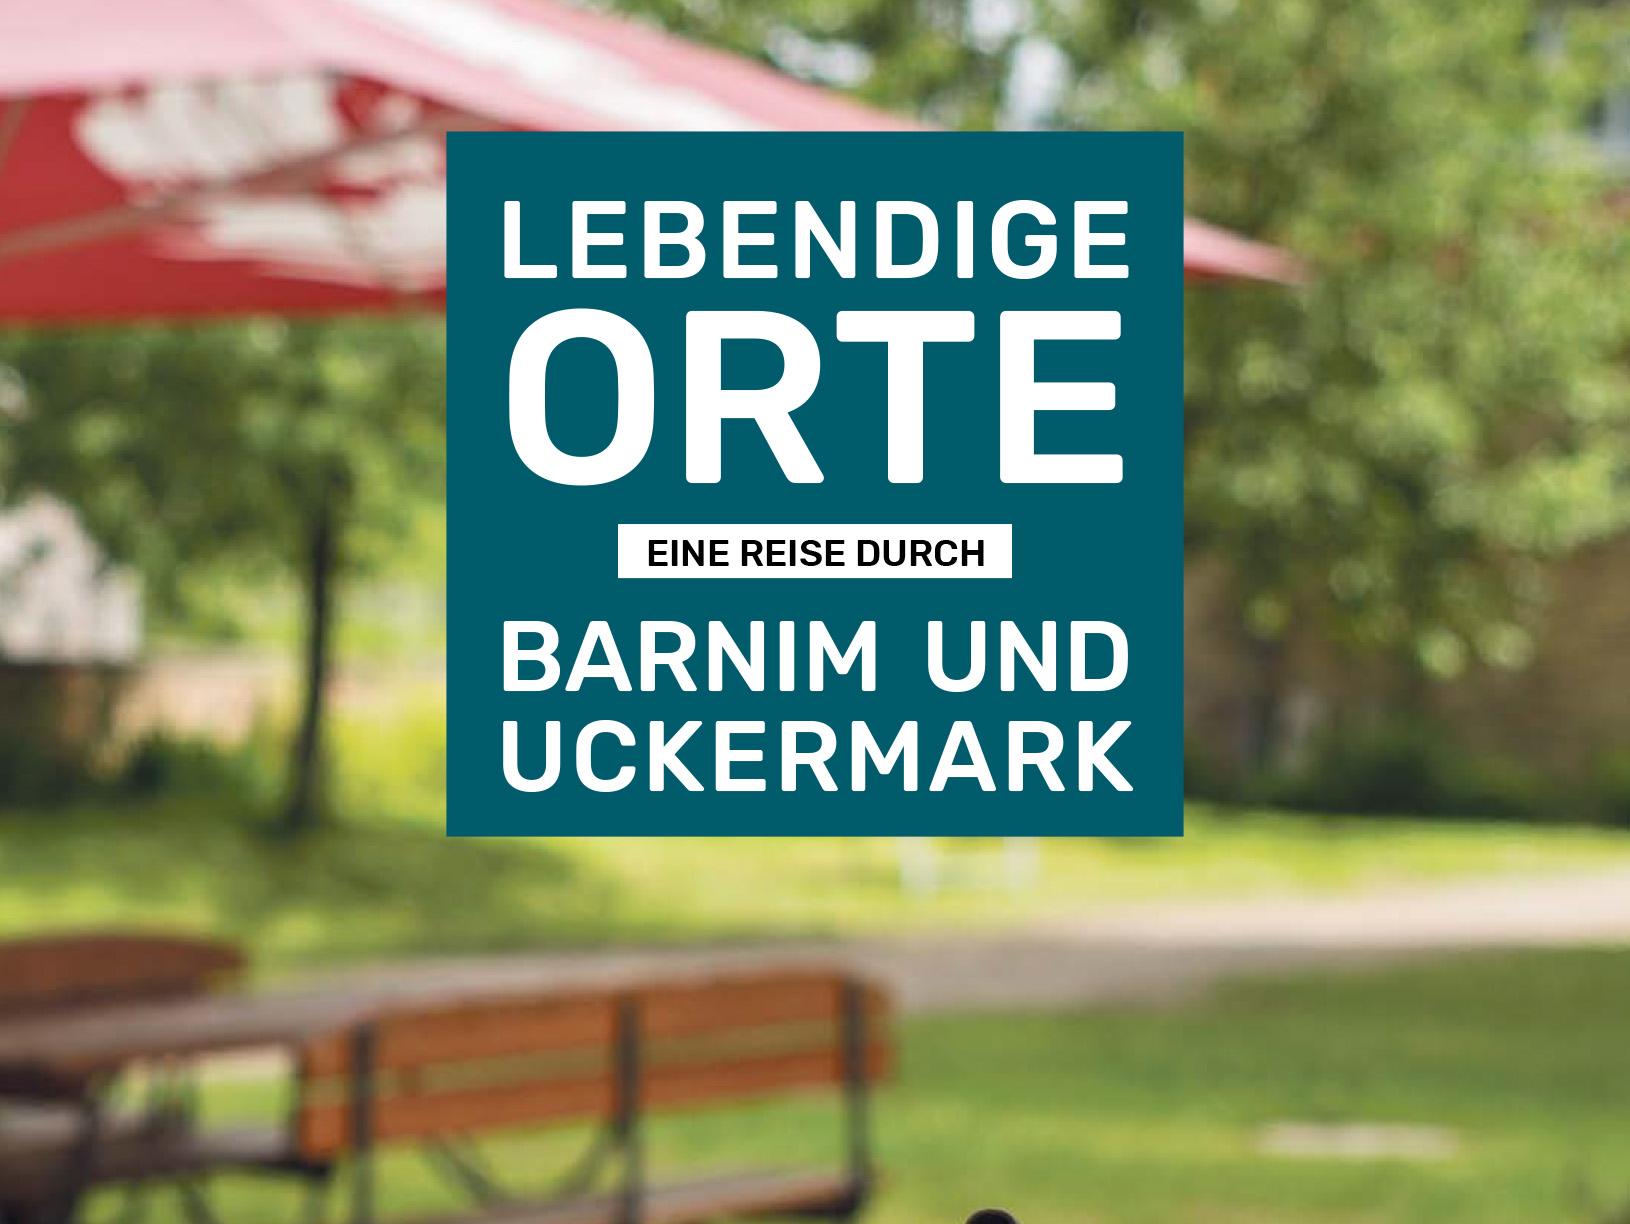 Lebendige Orte. Eine Reise durch Barnim und Uckermark